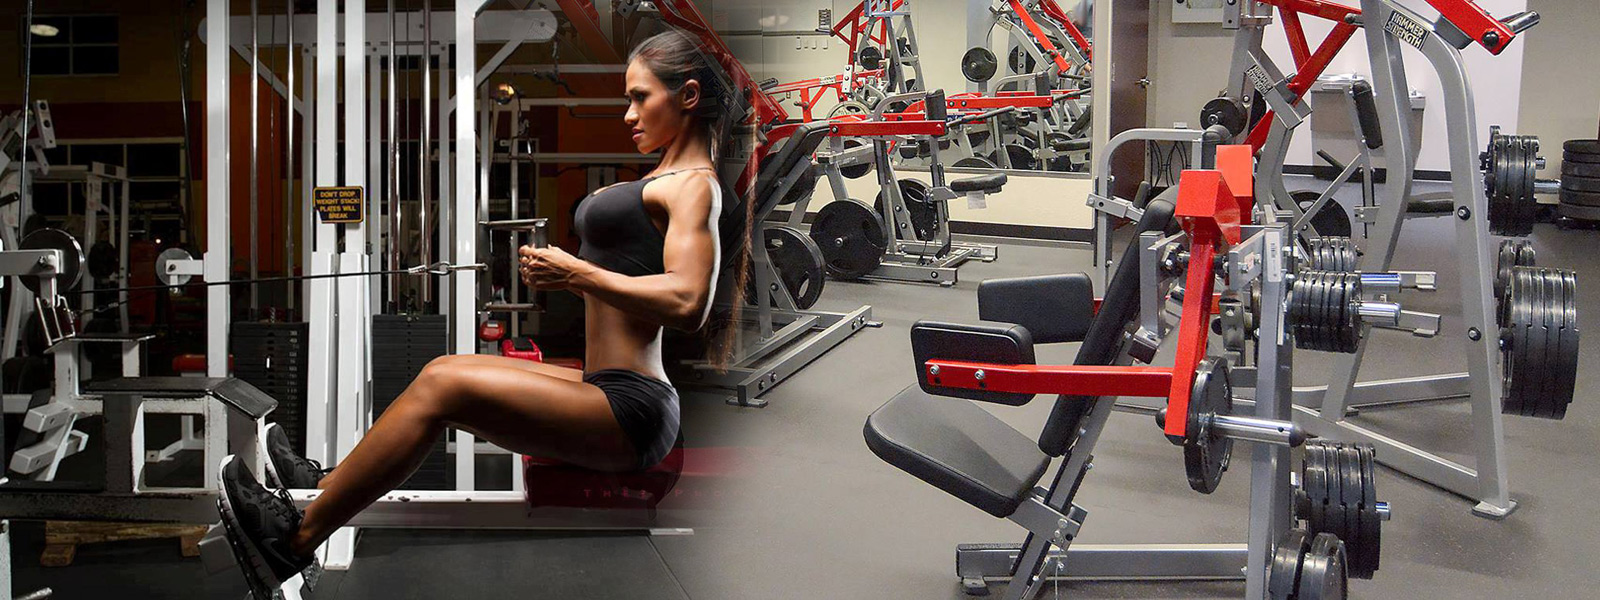 Фитнес програма най-доброто хапче за настроение